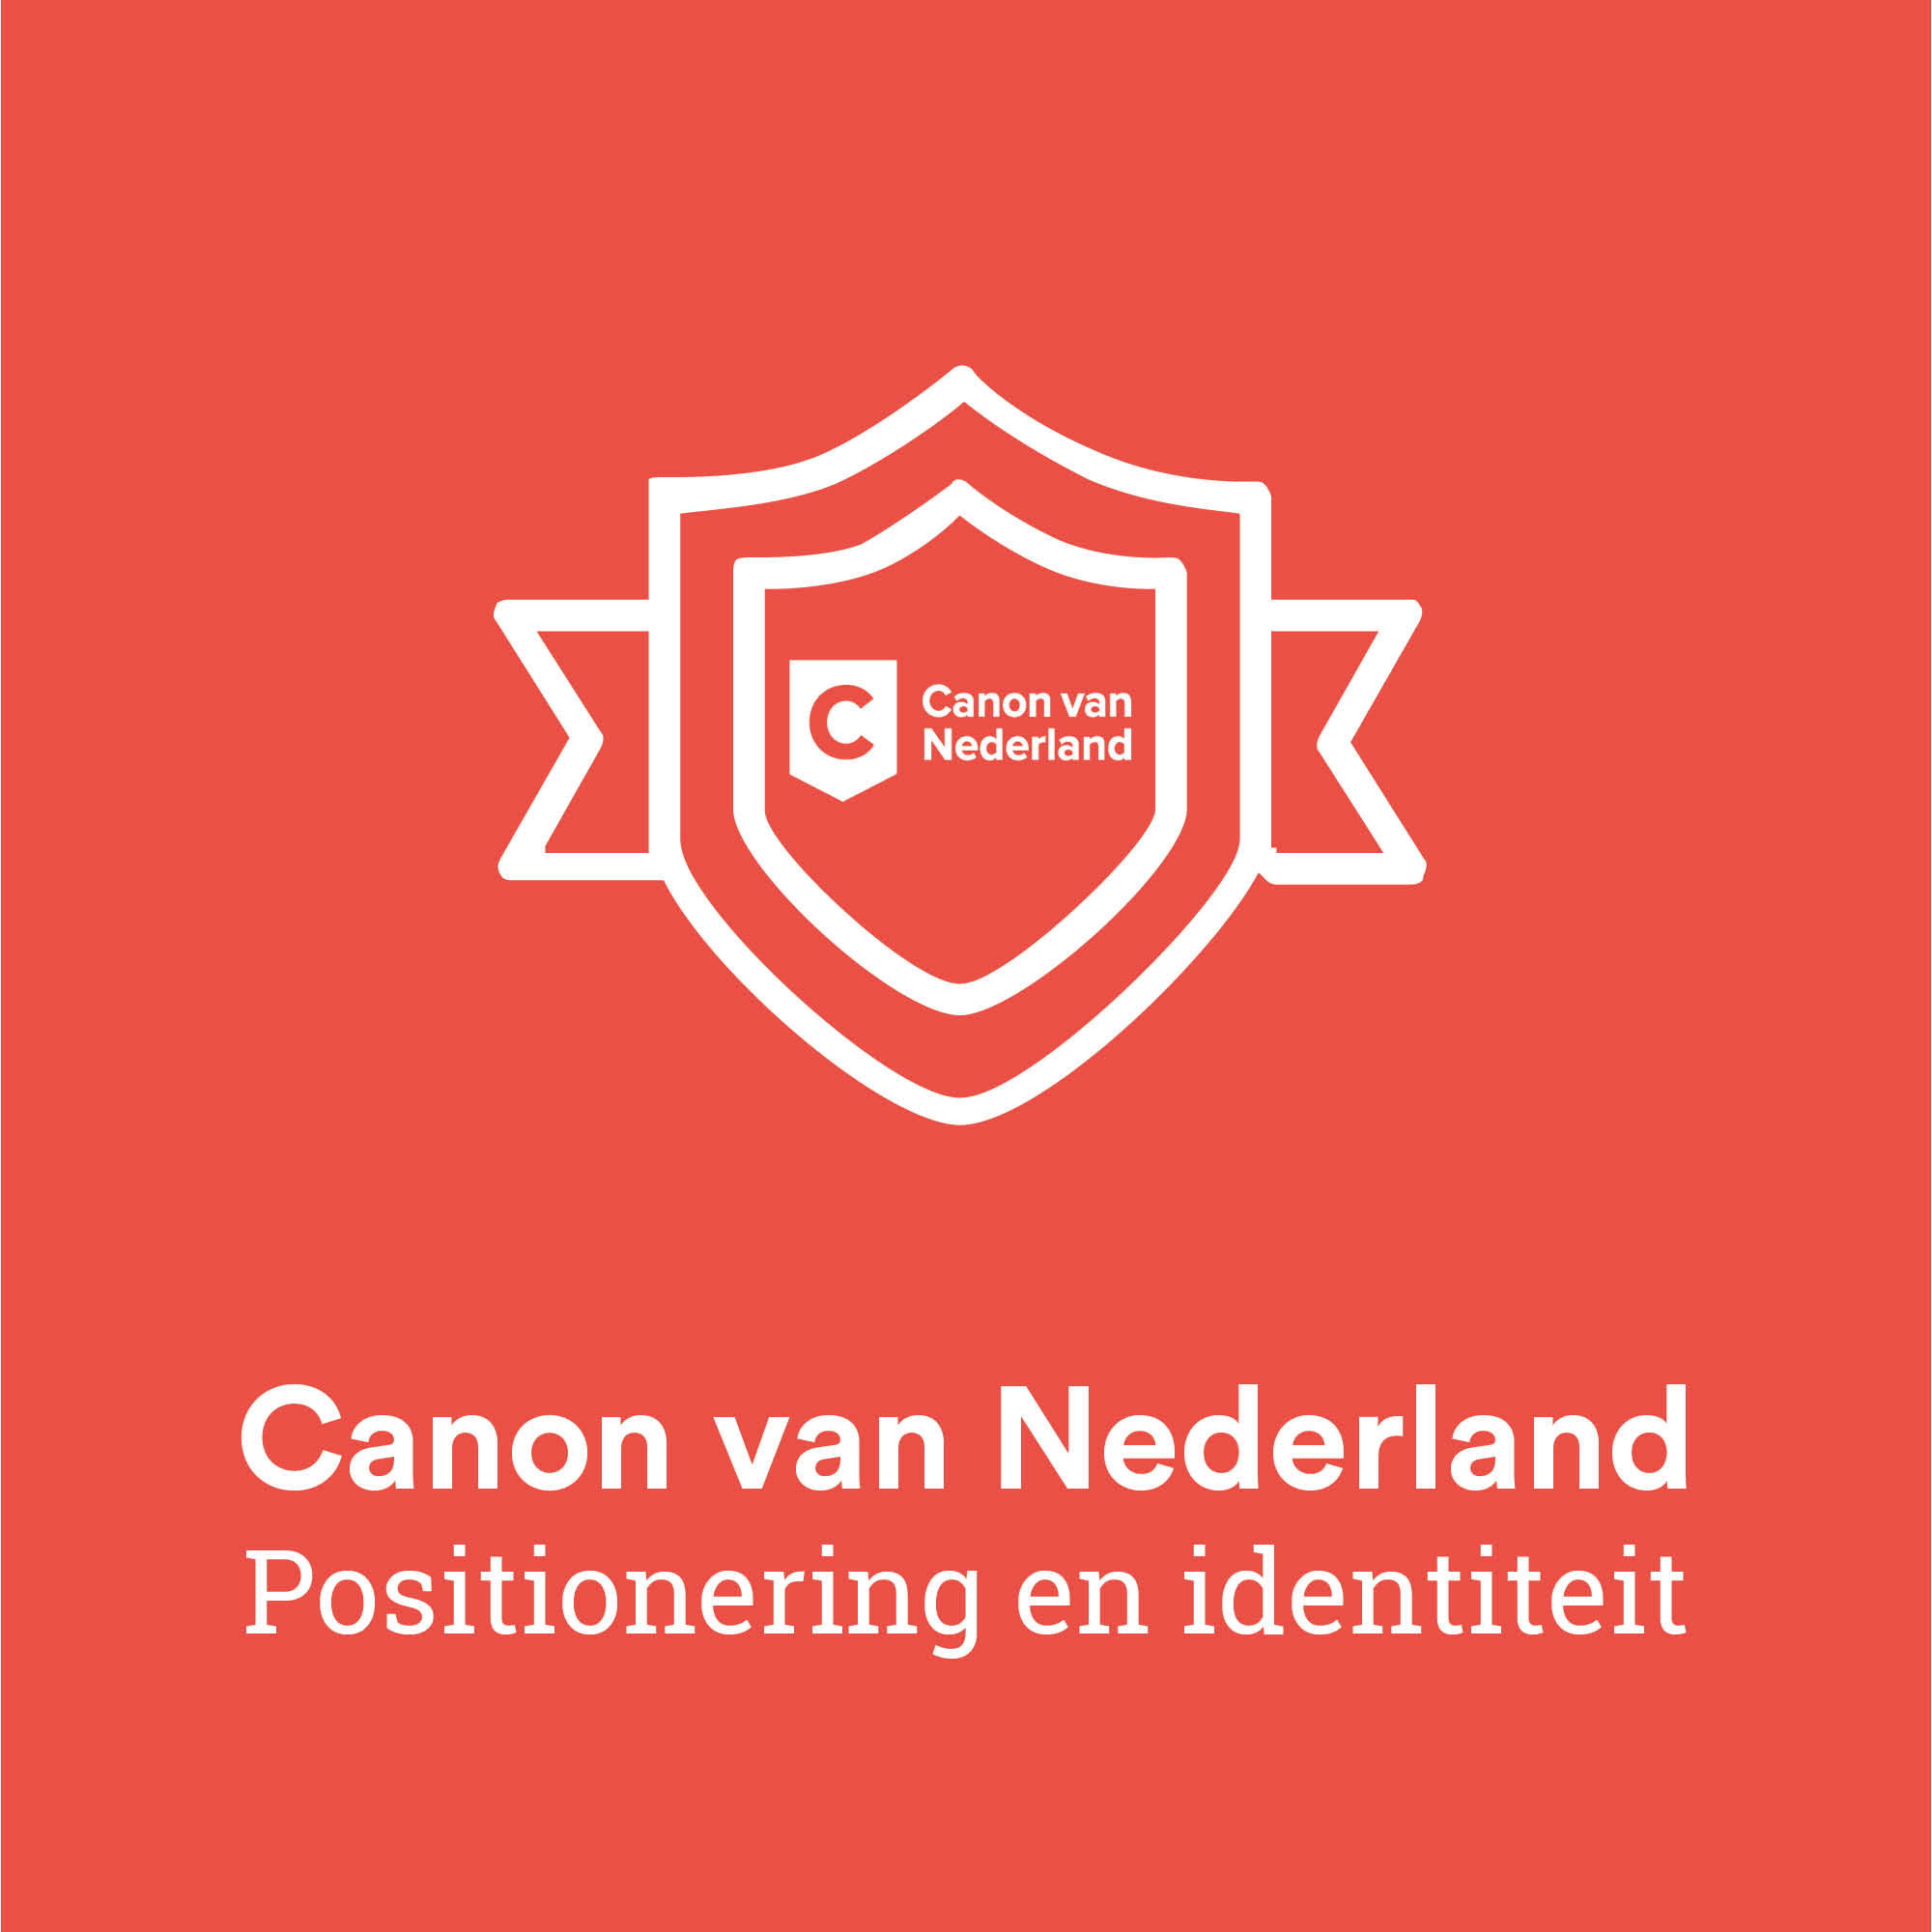 Canon van Nederland